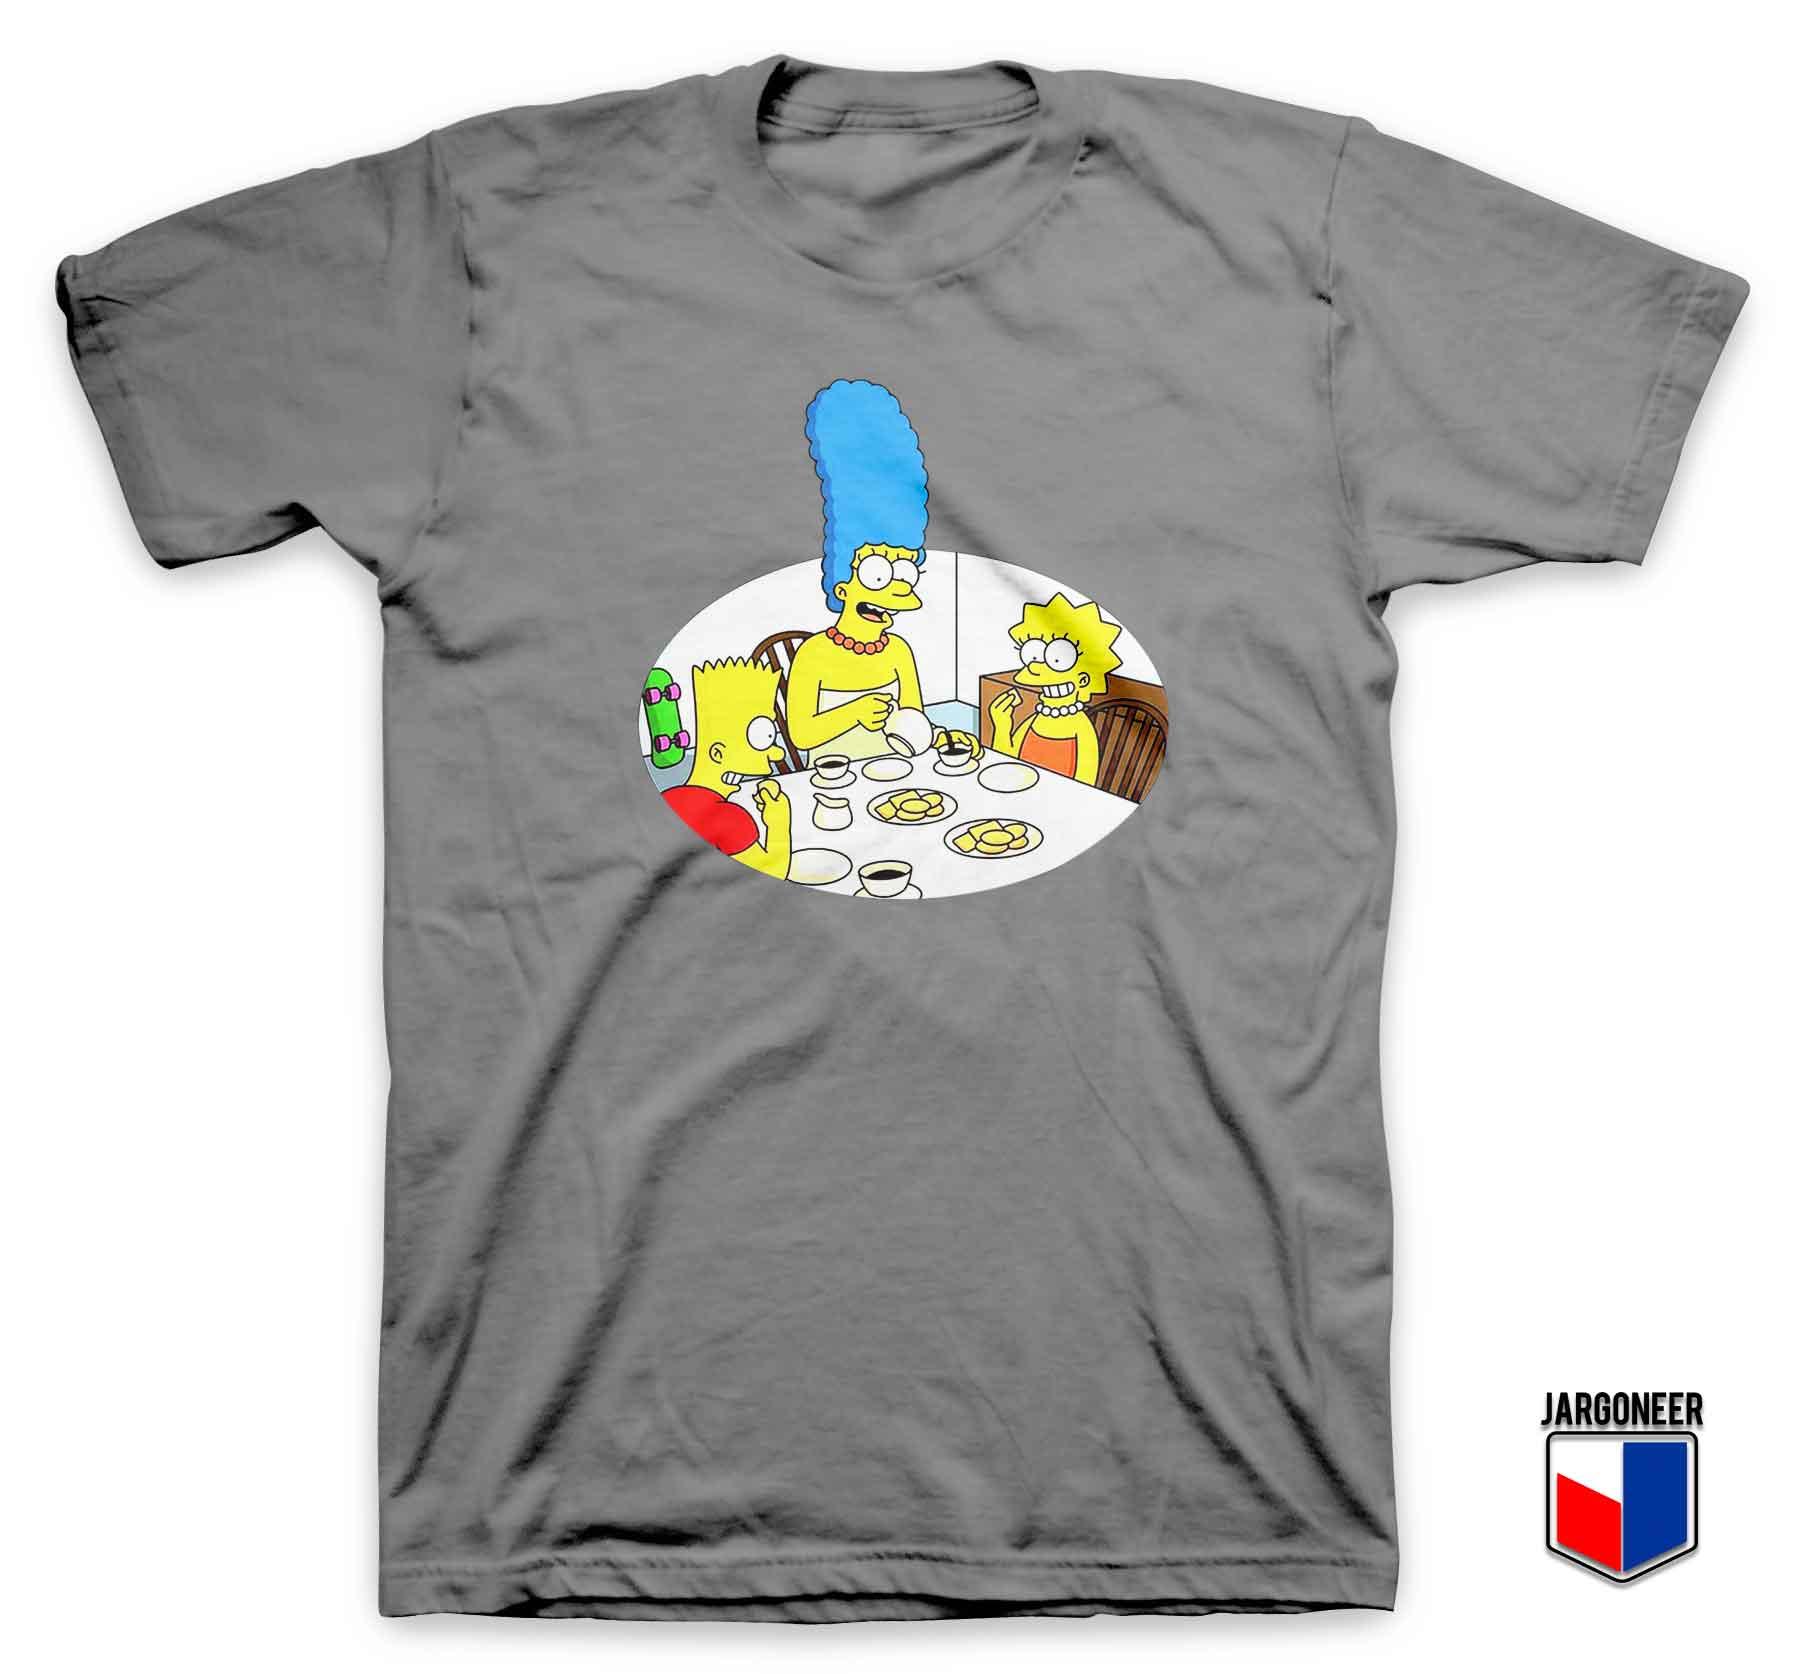 Family Reunion T Shirt Design Ideas | Lauren Goss